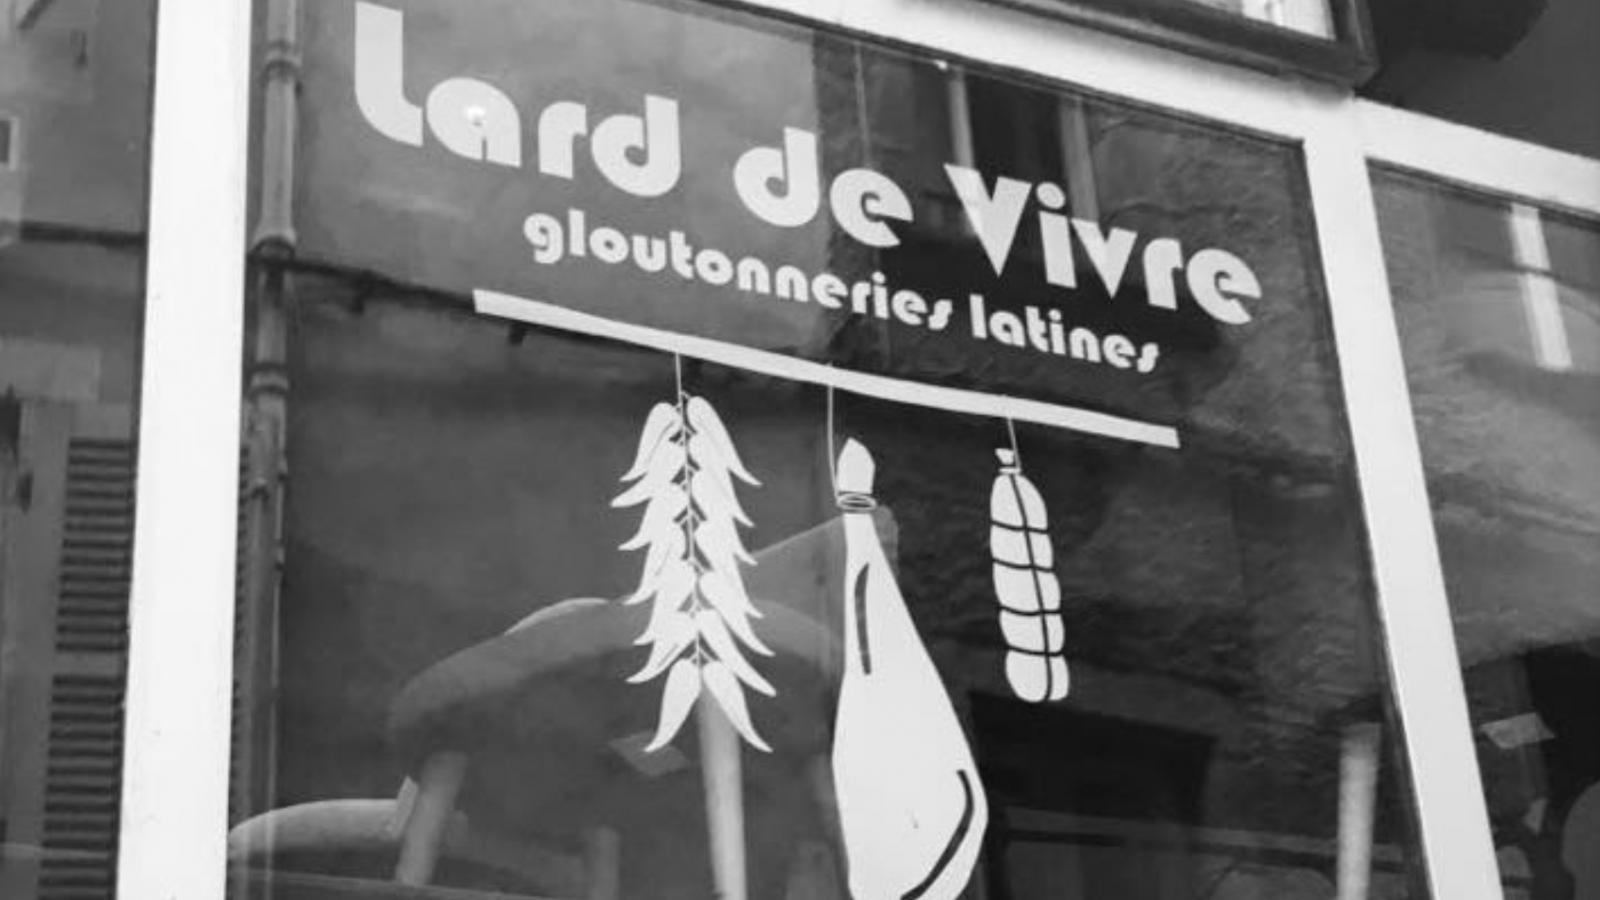 © Lard de Vivre